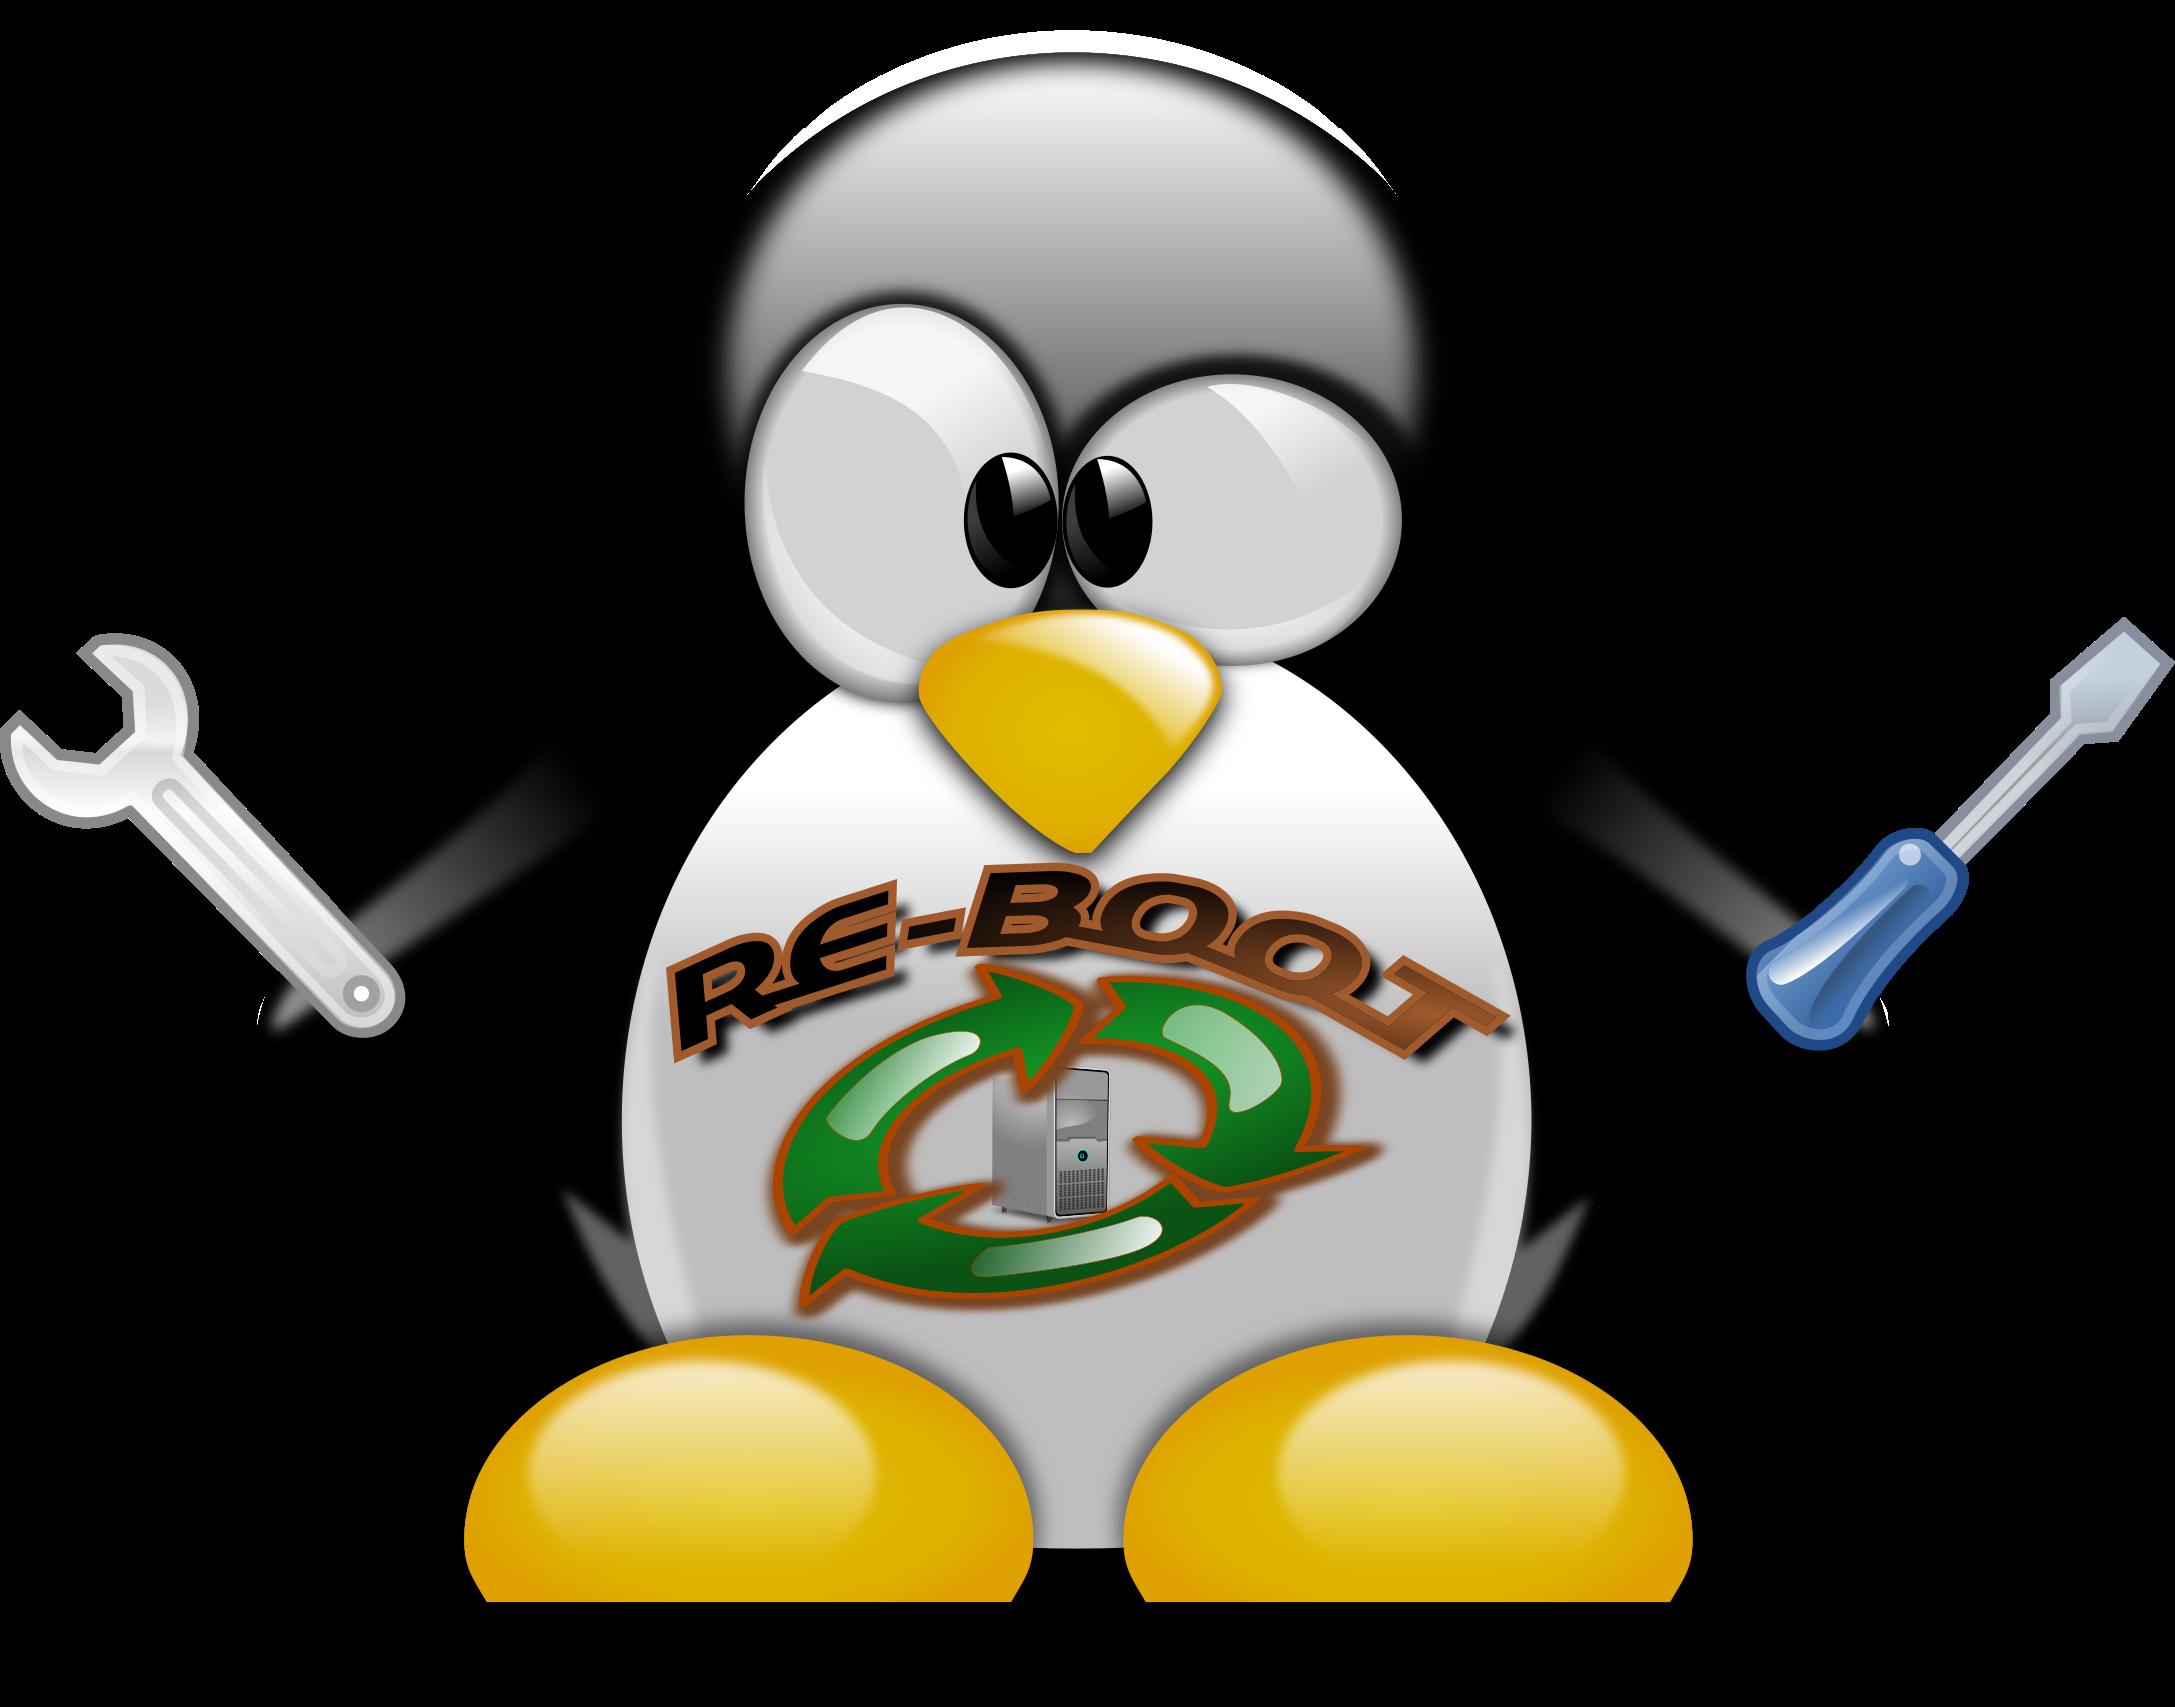 logos/re-boot-avatar_2016-01_bis.png